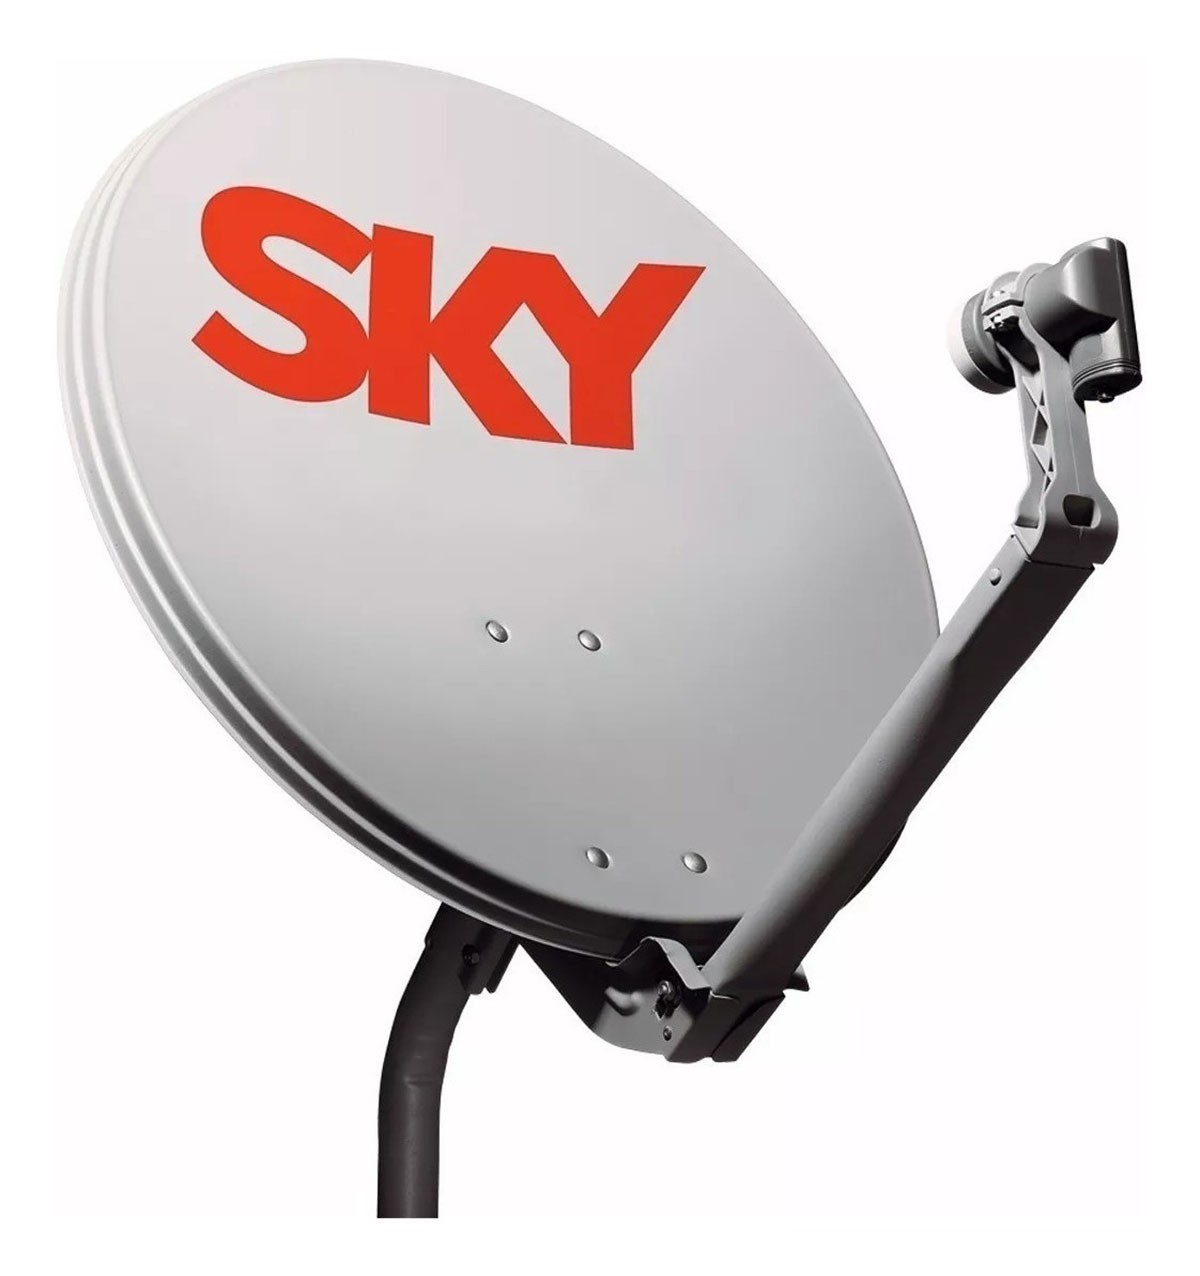 Sky Pré Pago Hd 12 Meses sem mensalidade  Antena 60cm Com Globo e Sbt